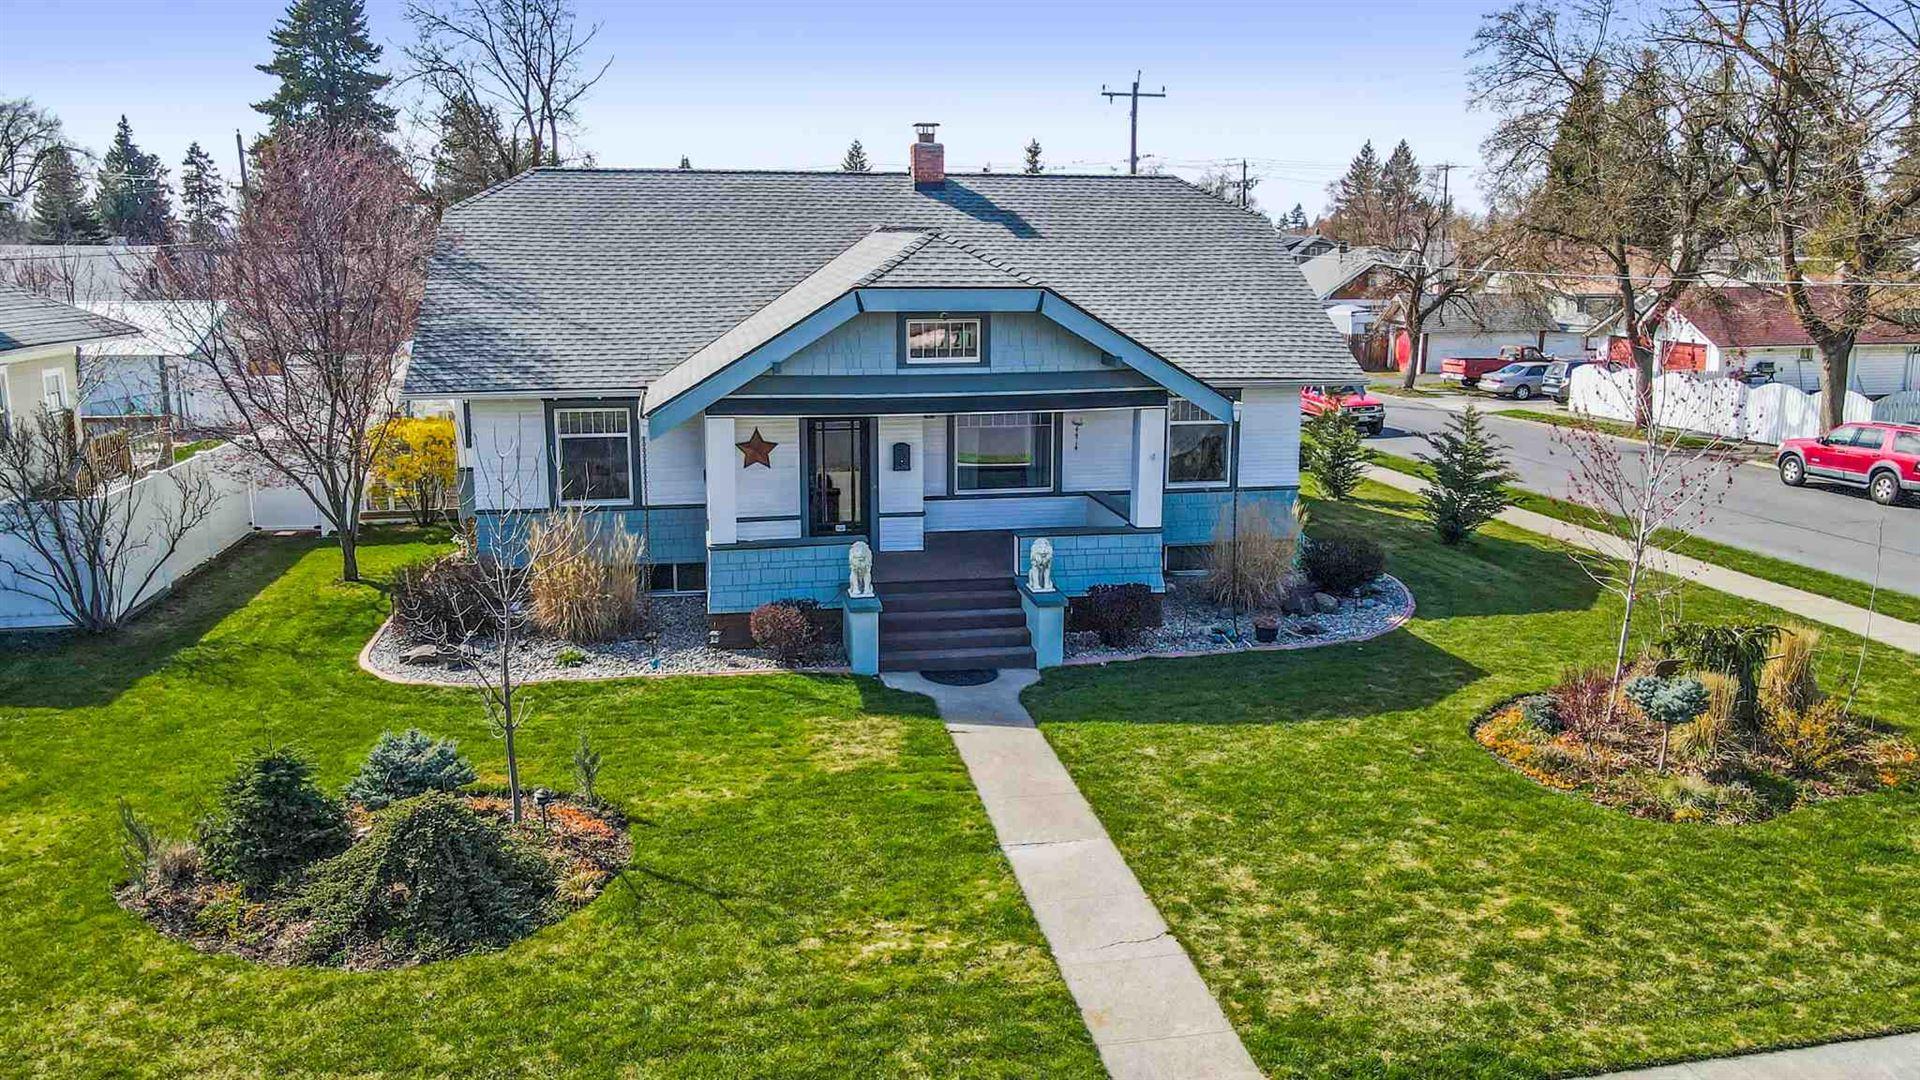 3721 N Calispel St, Spokane, WA 99205 - #: 202114015